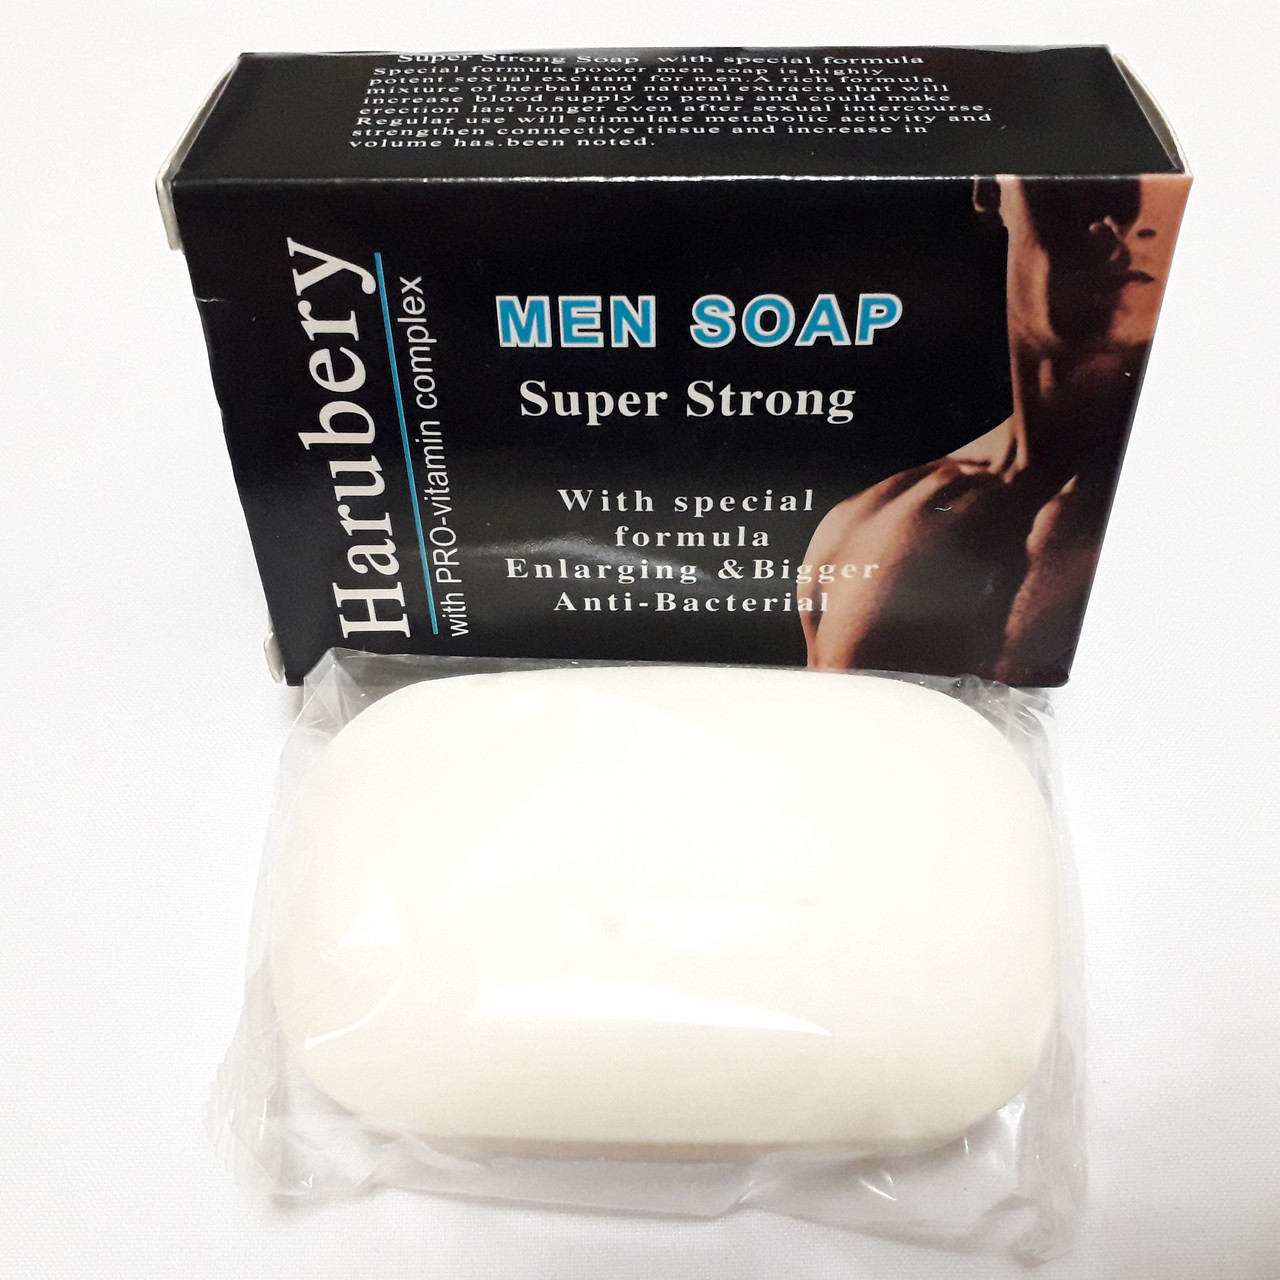 Мужское мыло для улучшения потенции.